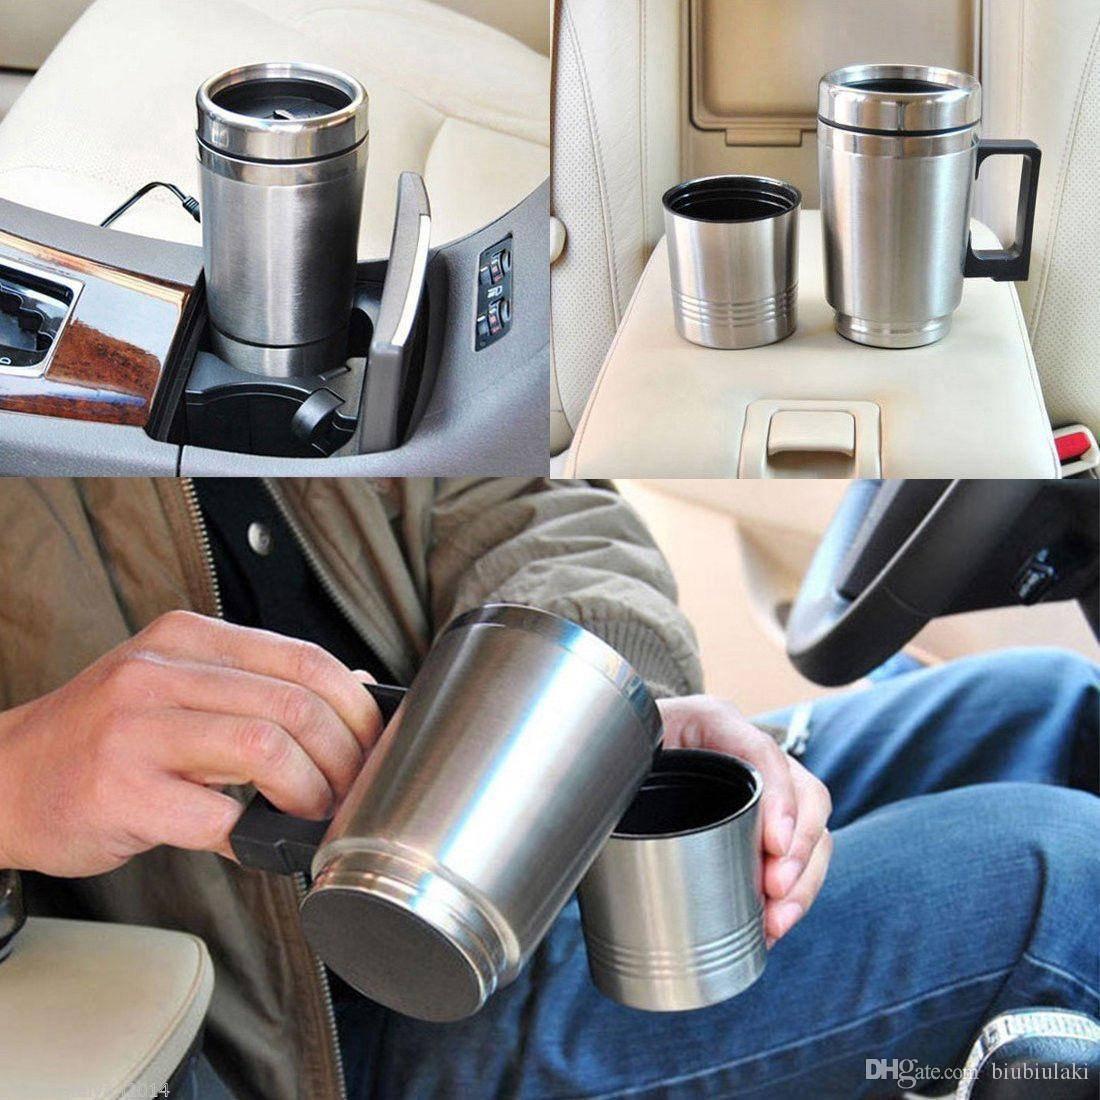 Как подключить прикуриватель ✅: схема, правильно подсоединить напрямую к аккумулятору через предохранитель, в машине, ваз